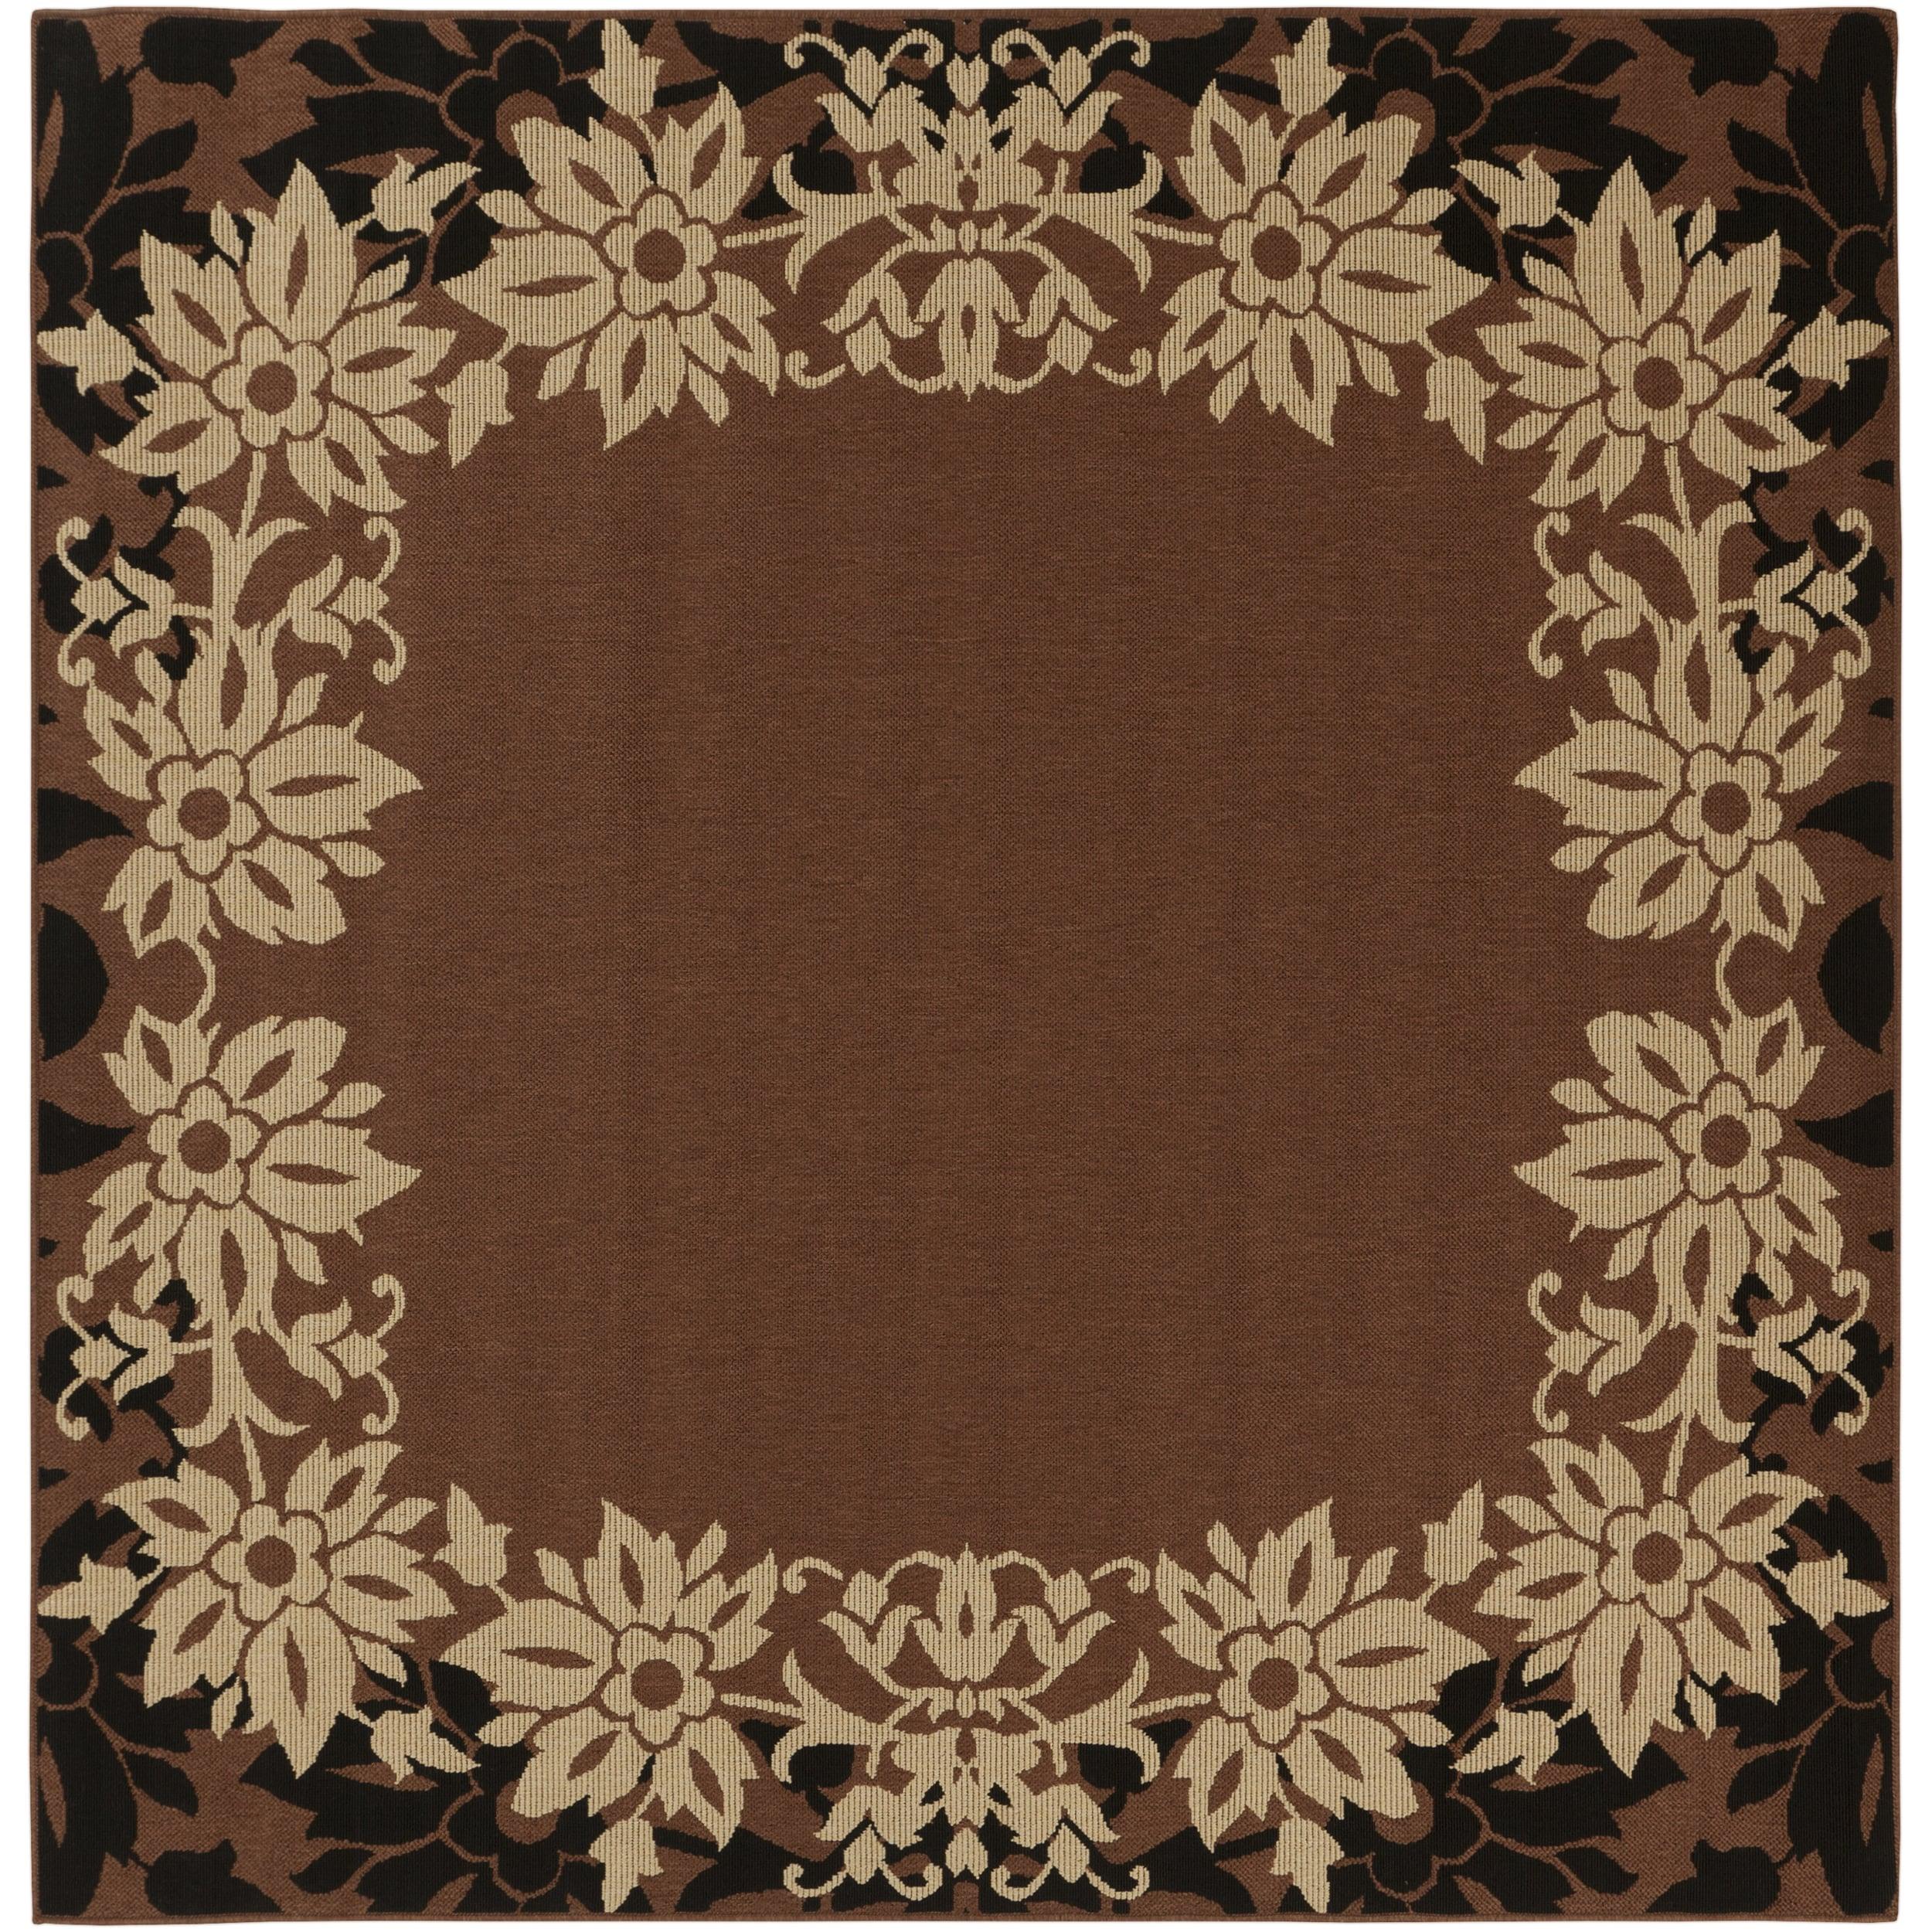 Jamesville Russet Floral Border Indoor/Outdoor Rug (8'9 x 8'9)